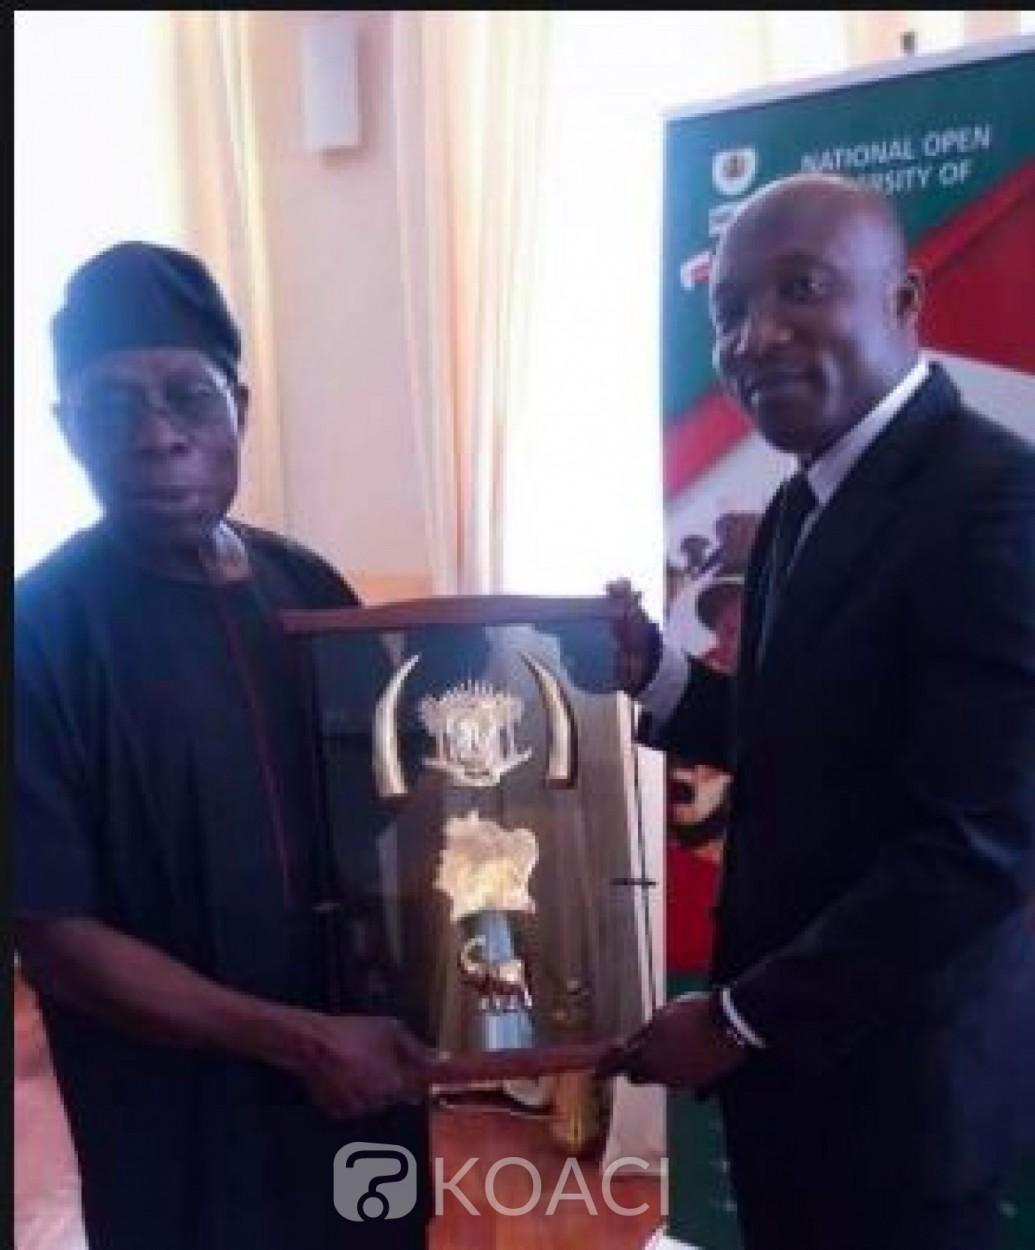 Côte d'Ivoire : Seth Koko désigné  par Bédié  pour mener des actions de lobbying dans la sous-région au nom de l'opposition